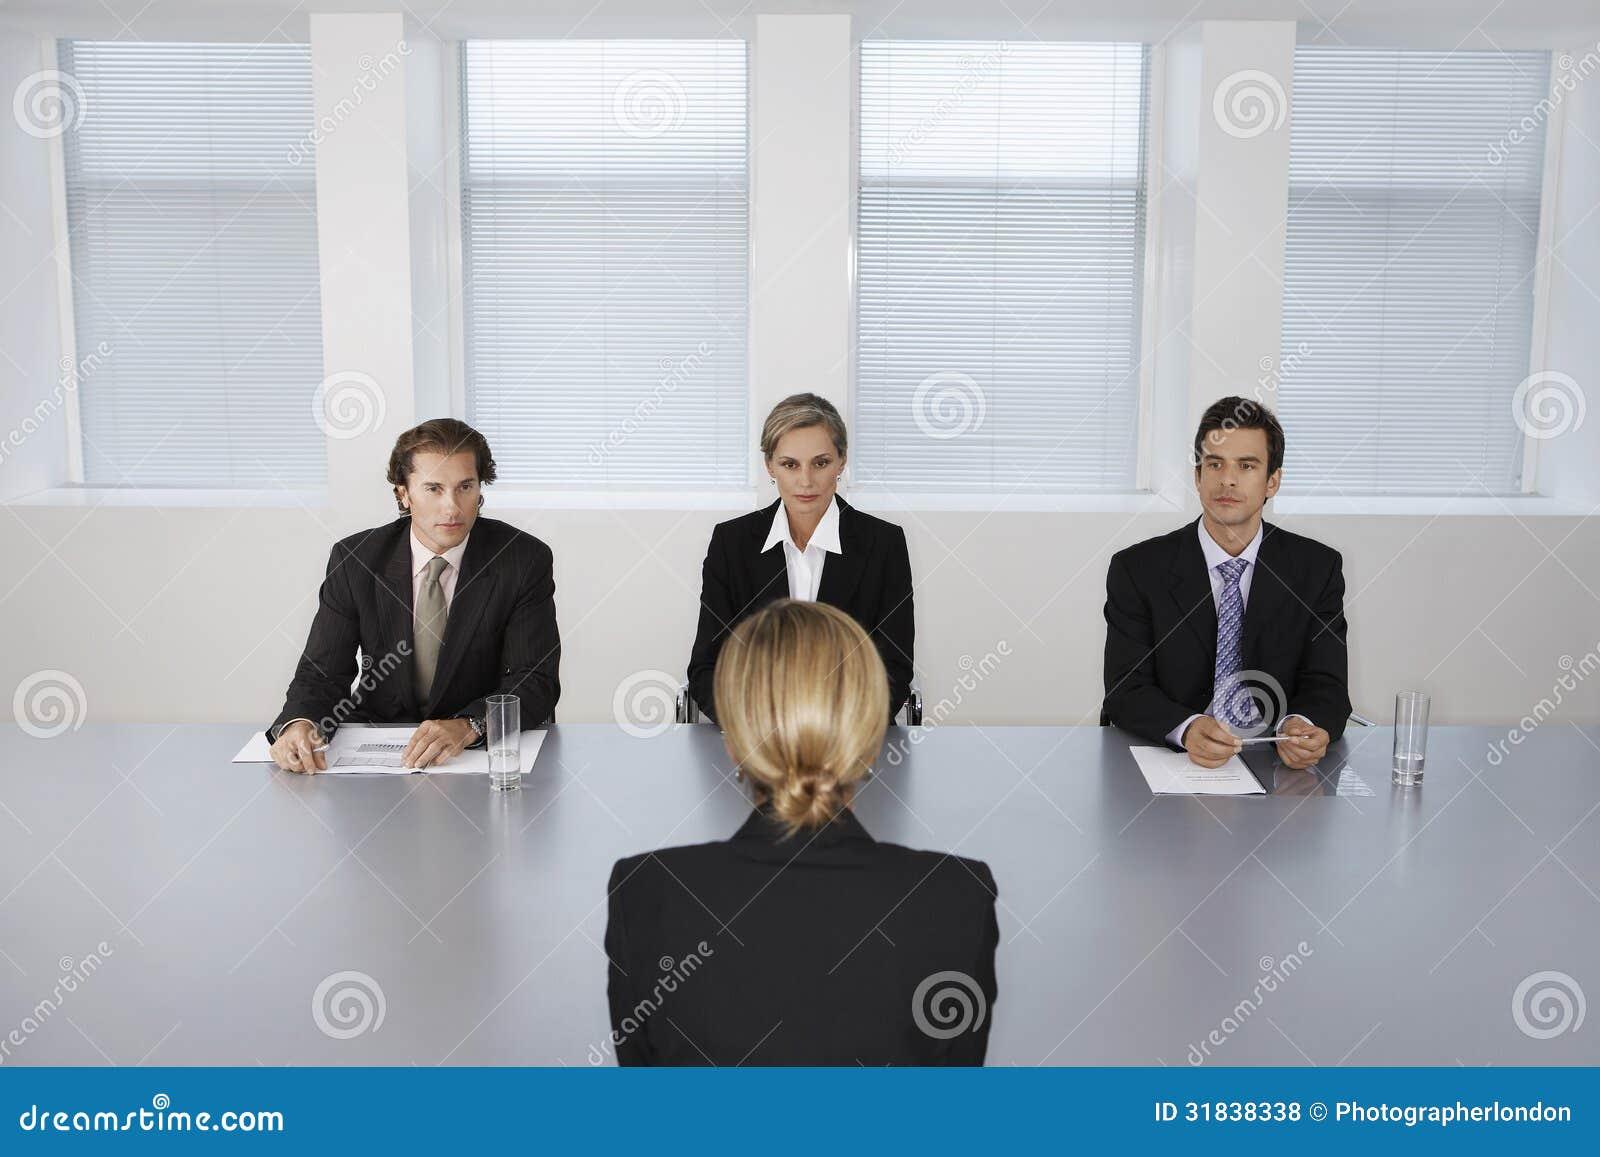 Γυναίκα που περνά από συνέντευξη από τους επιχειρηματίες